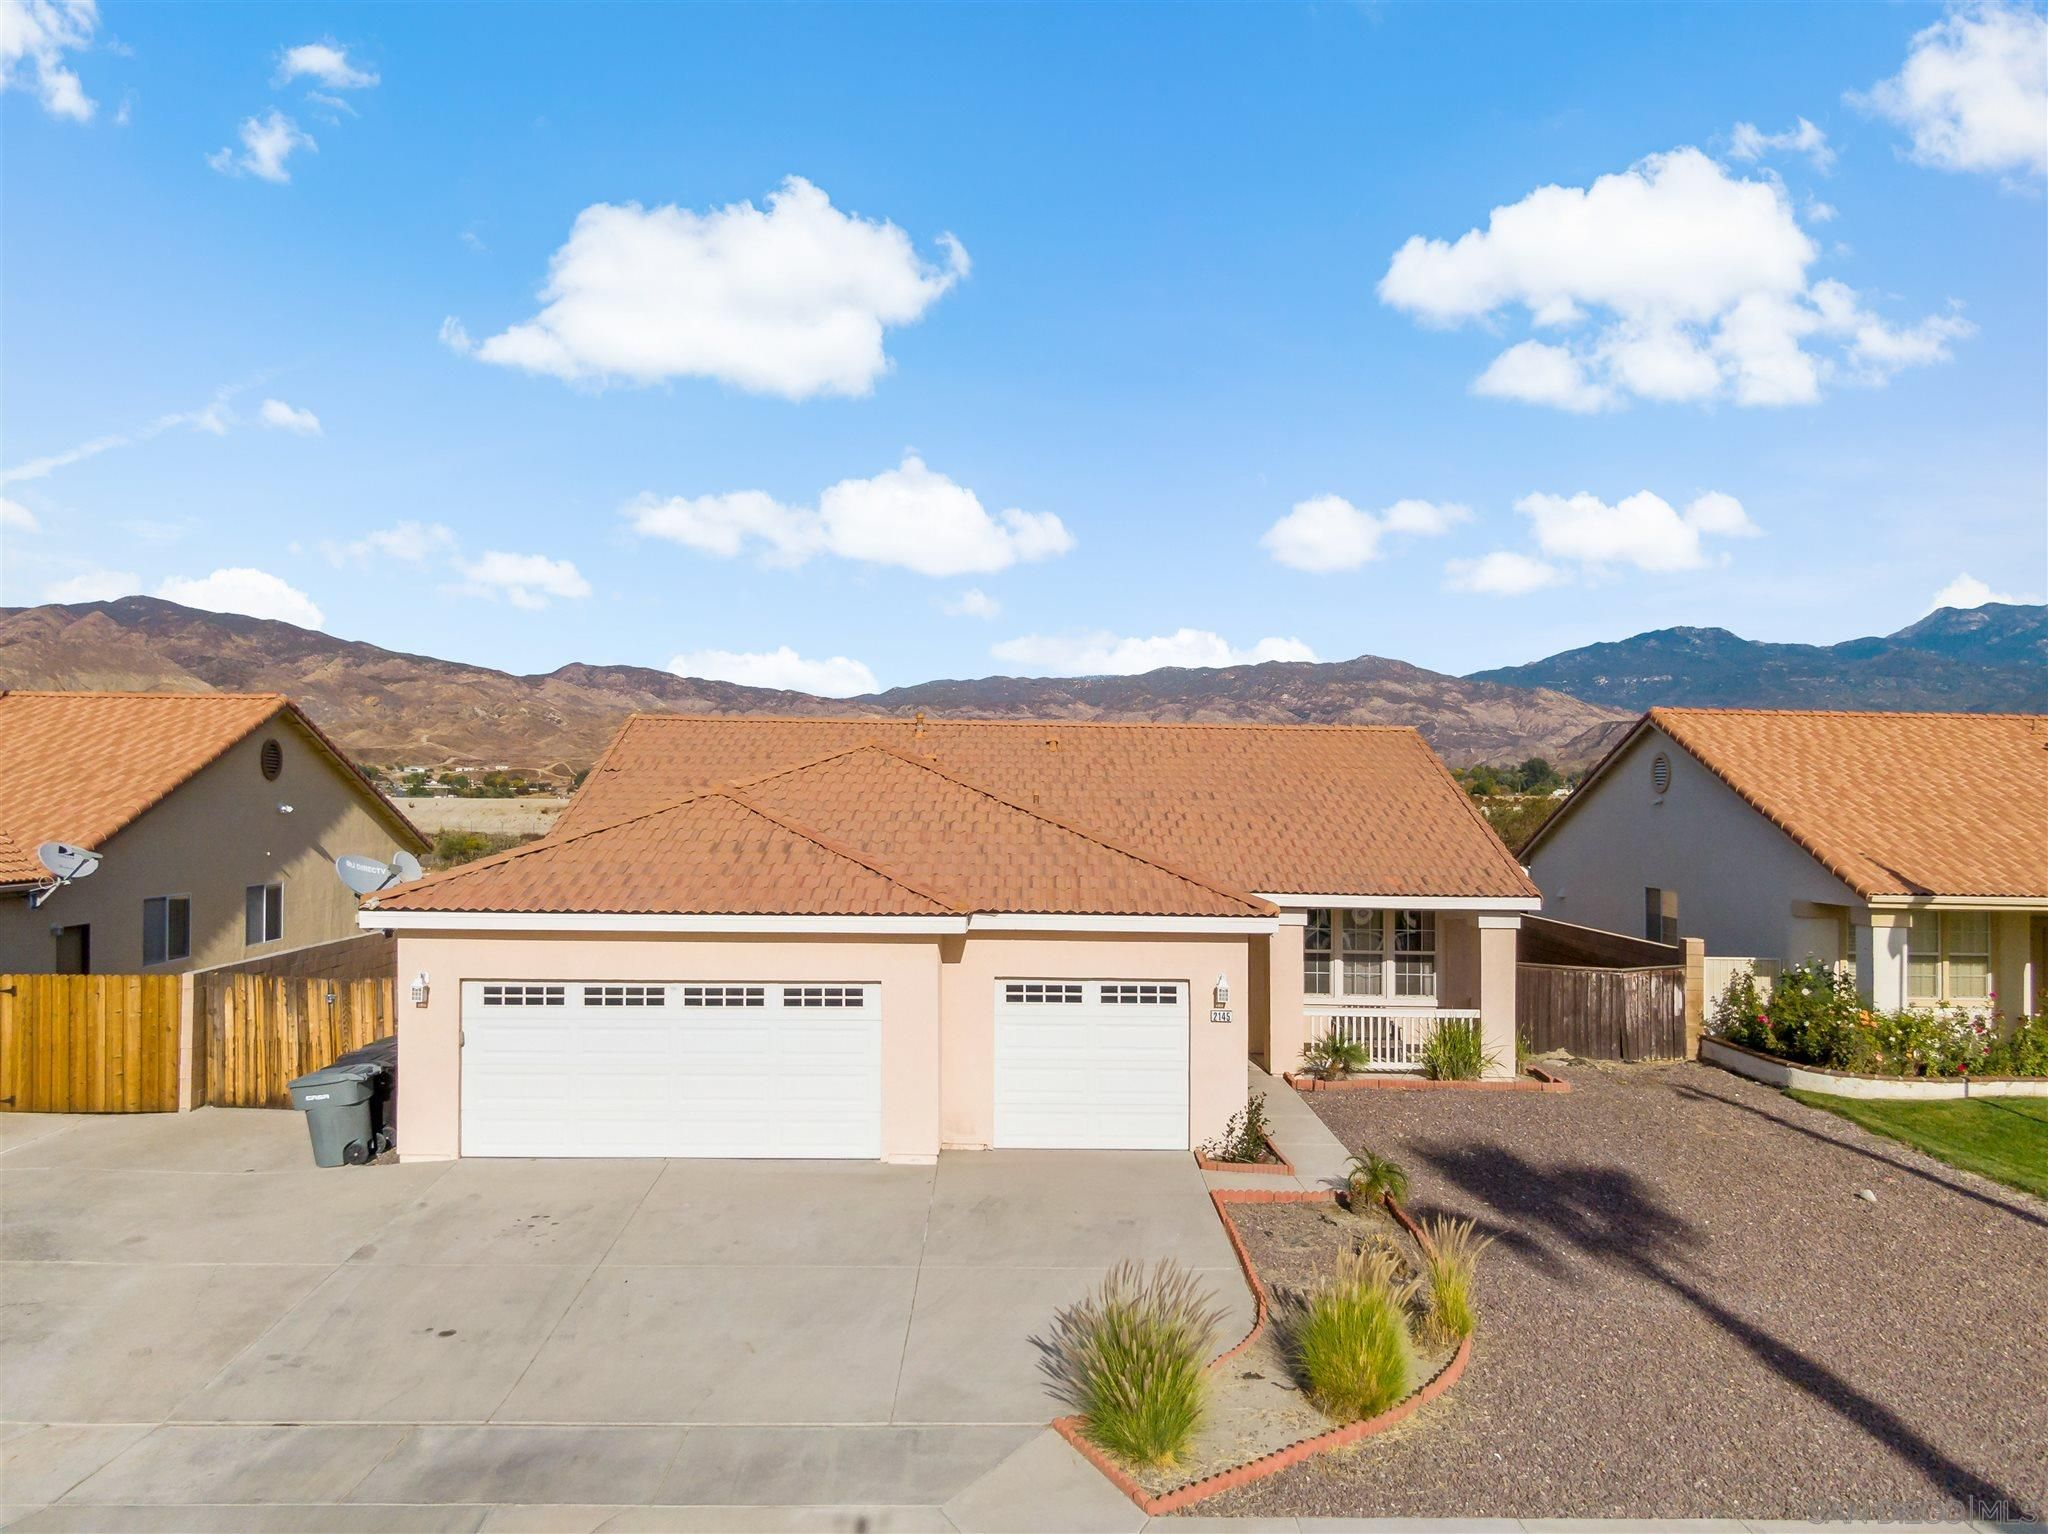 Main Photo: House for sale : 4 bedrooms : 2145 Saint Emilion Ln in San Jacinto